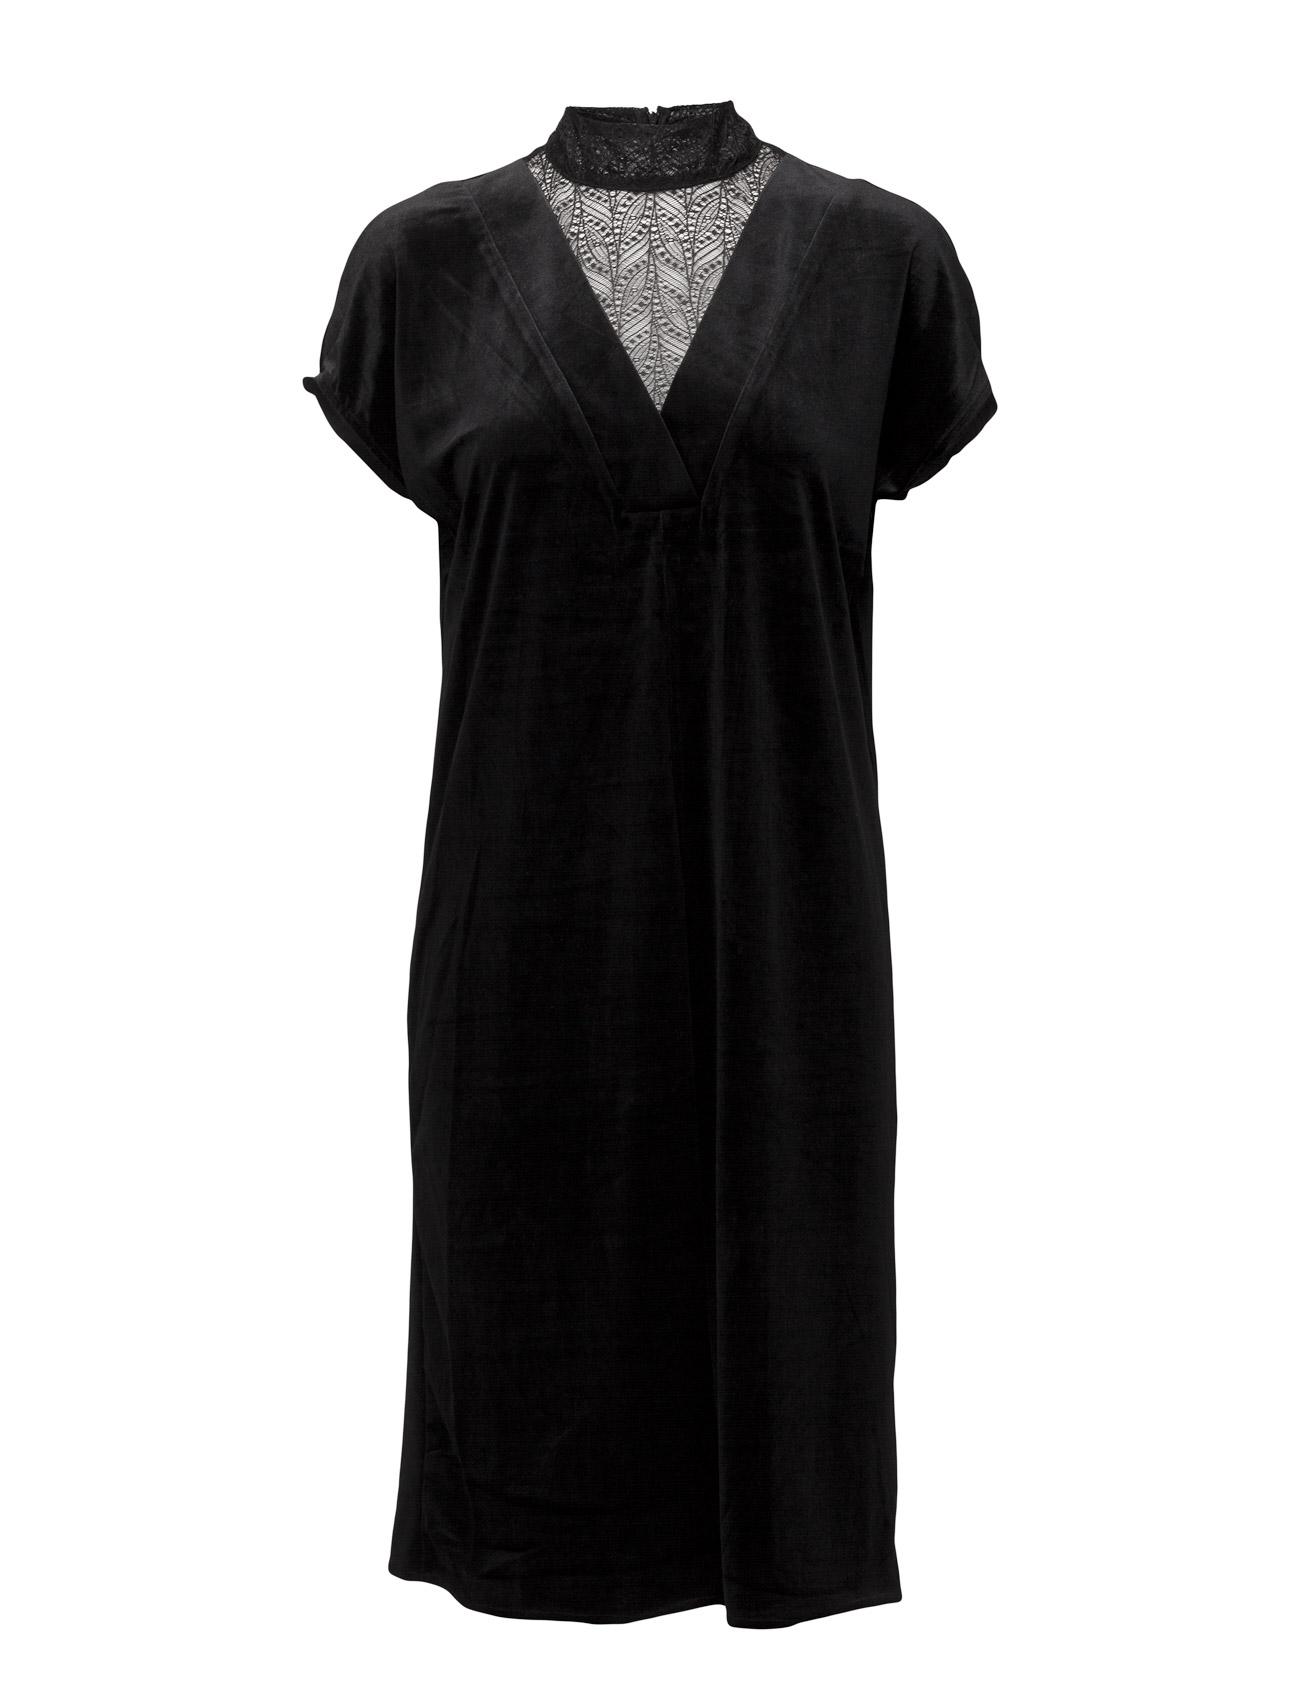 Minus Annali dress